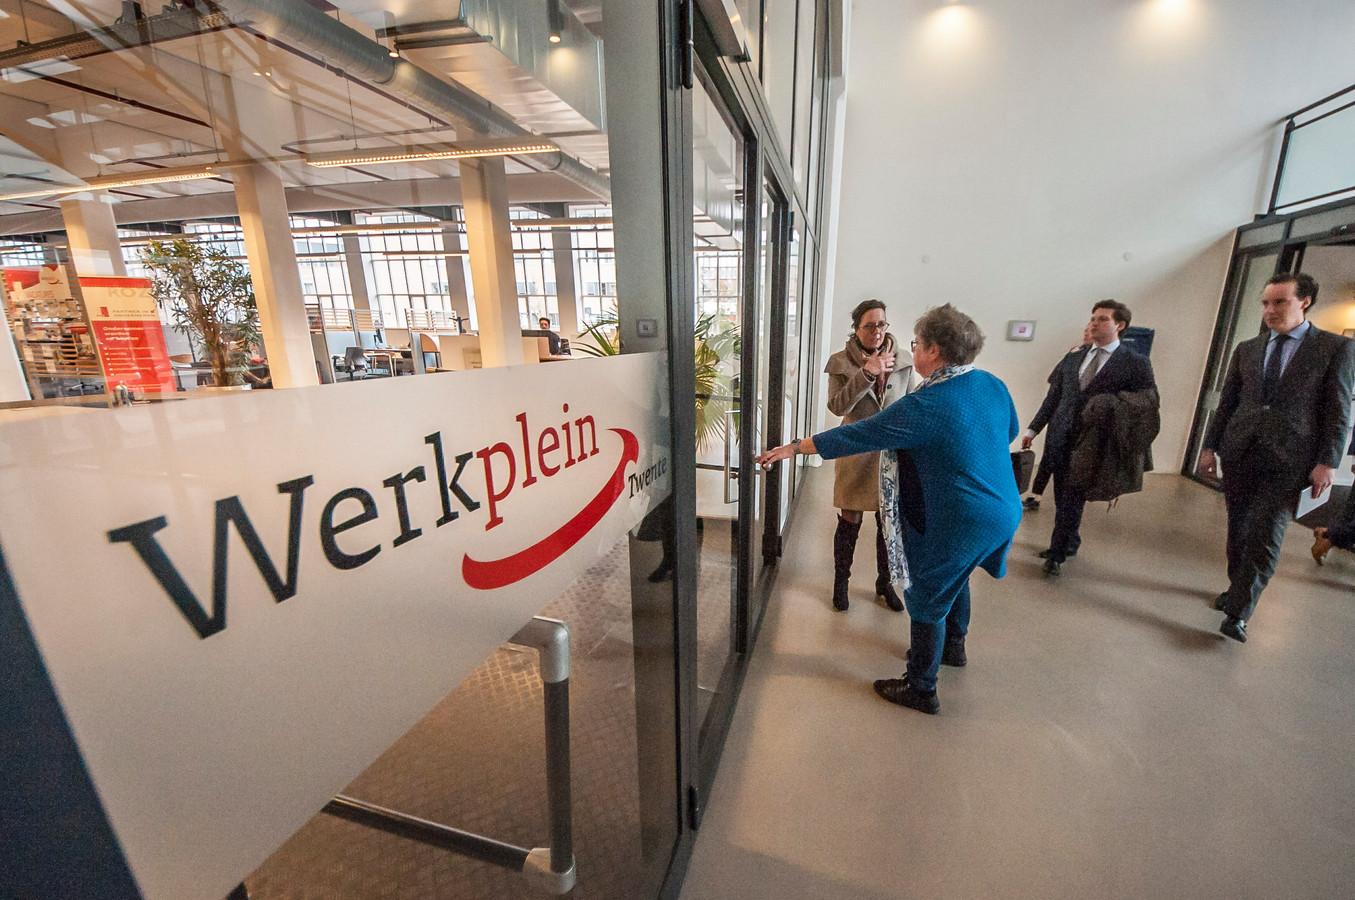 Staatssecretaris Tamara van Ark en wethouder Arjen Maathuis (rechts) brengen een bezoek aan het werkplein in het Twenthecentrum.